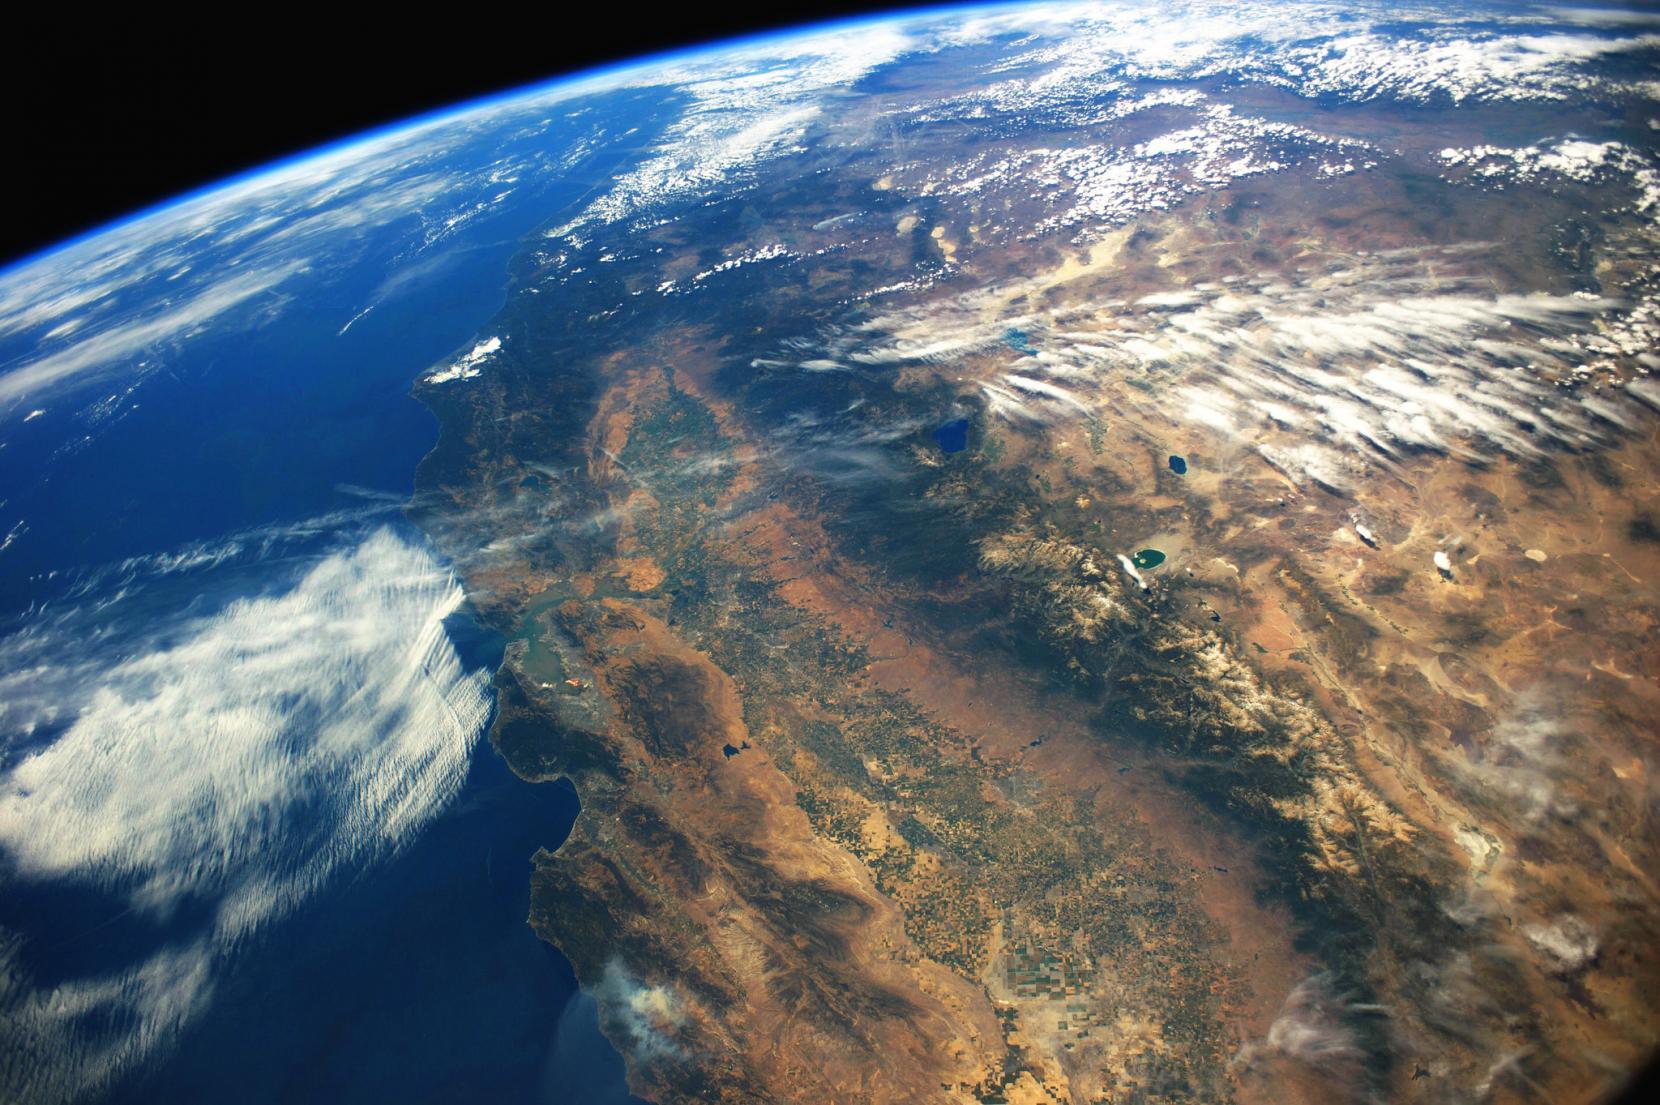 La NASA tiene un plan para asegurar el agua frente al cambio climático